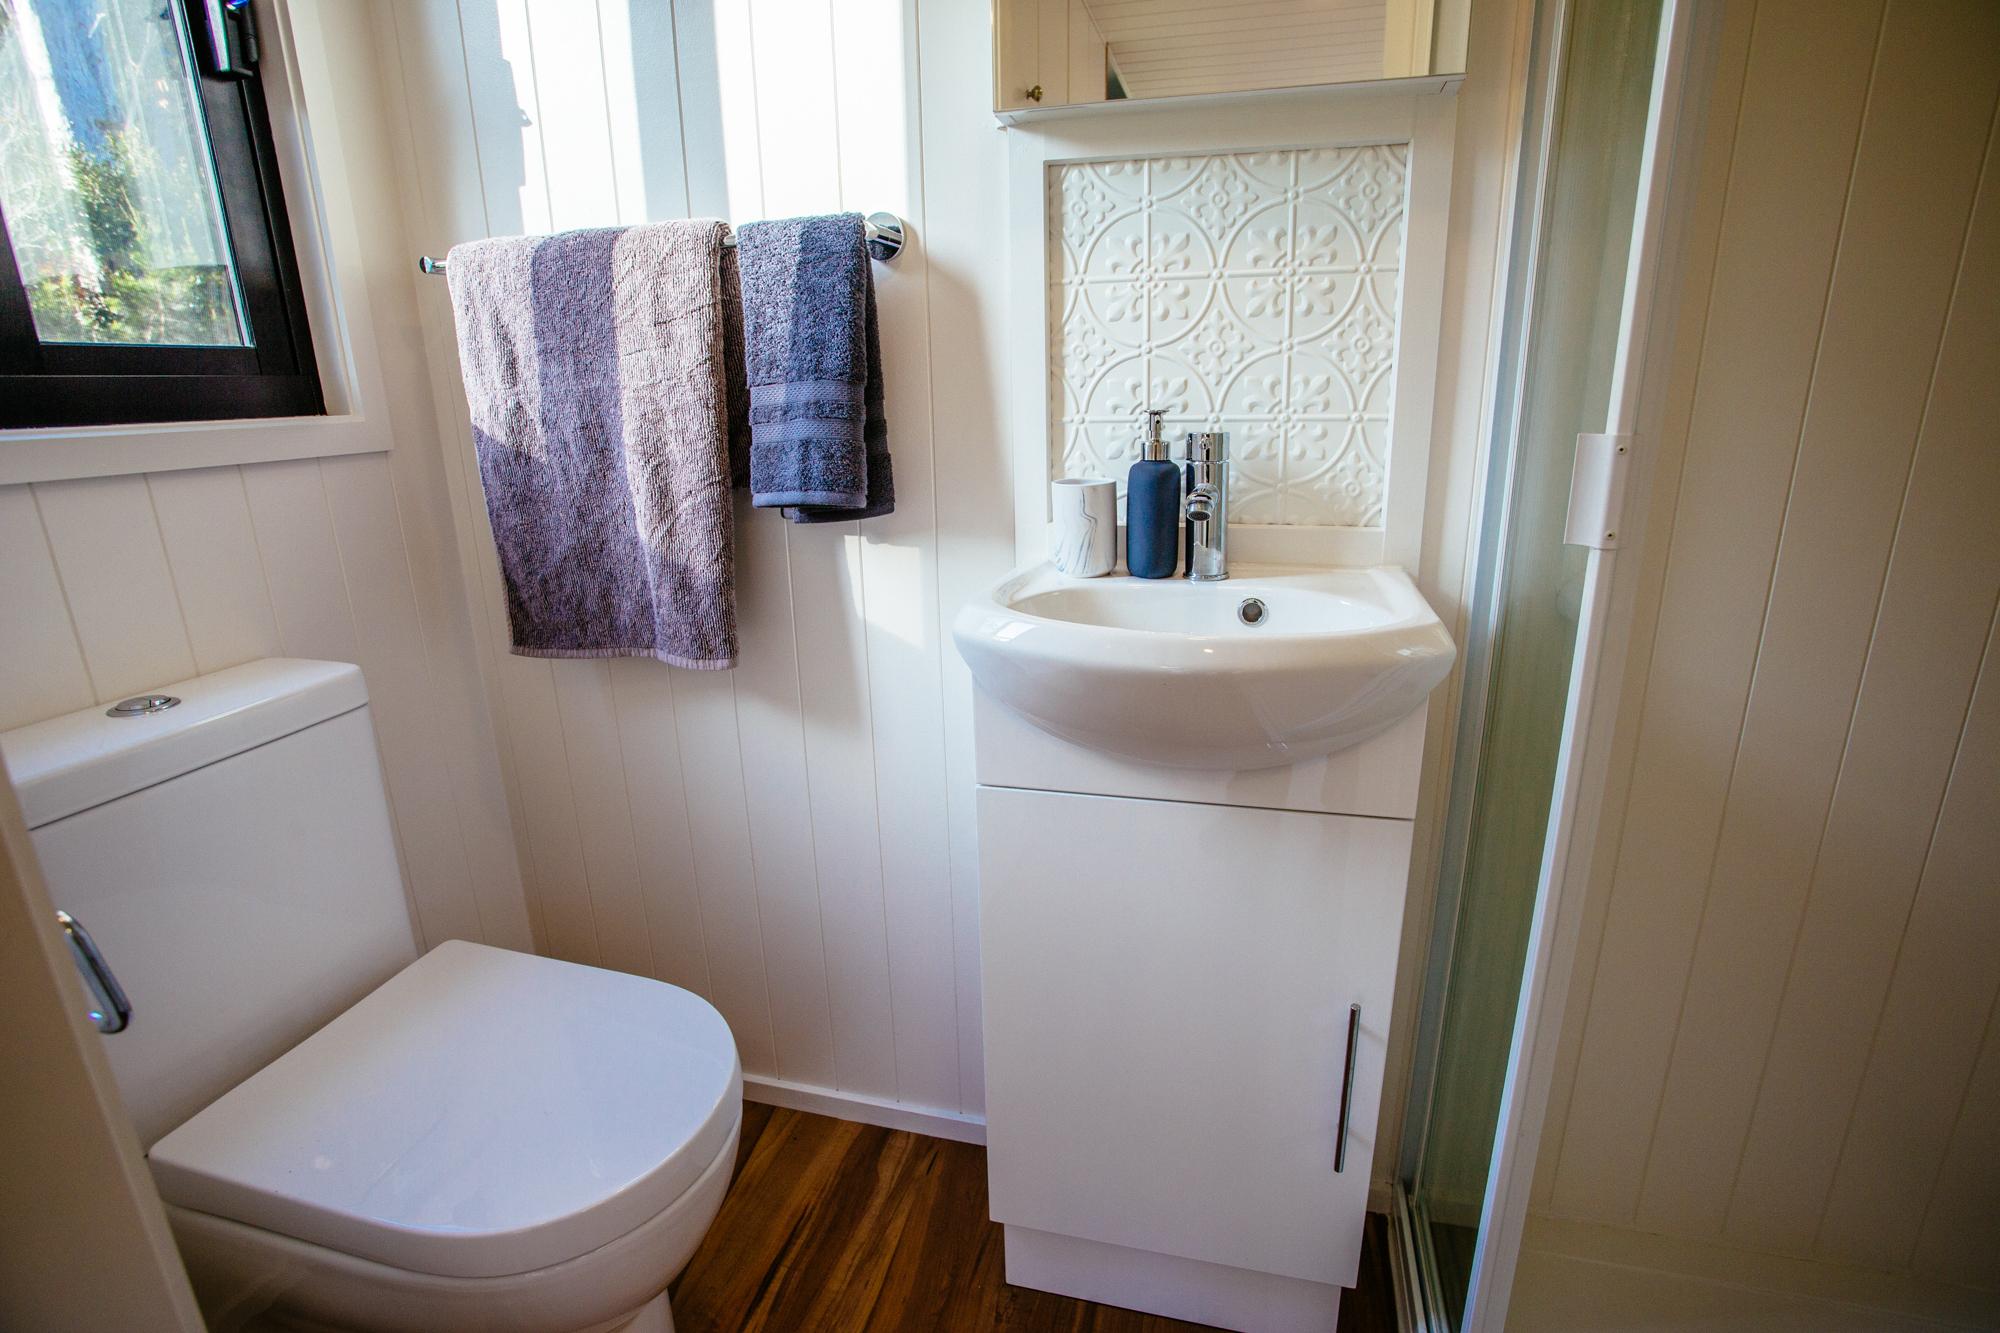 GS6000DLP Toilet